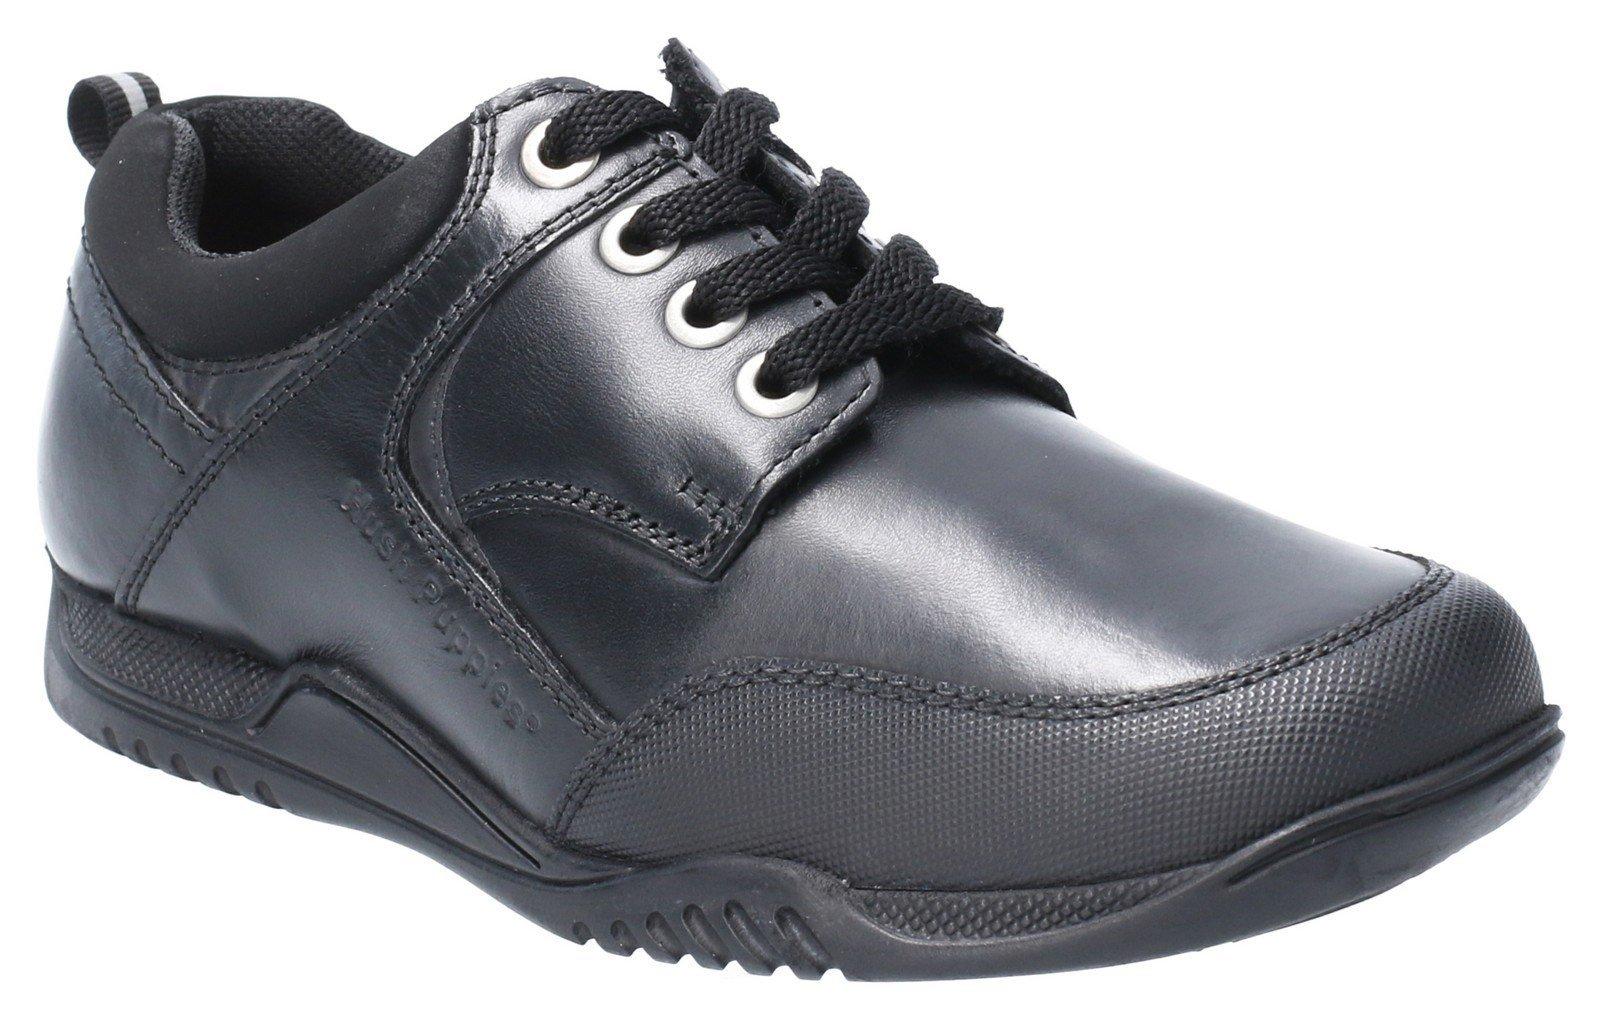 Hush Puppies Men's Dexter Jnr Lace Up School Shoe Black 28971 - Black 10 UK